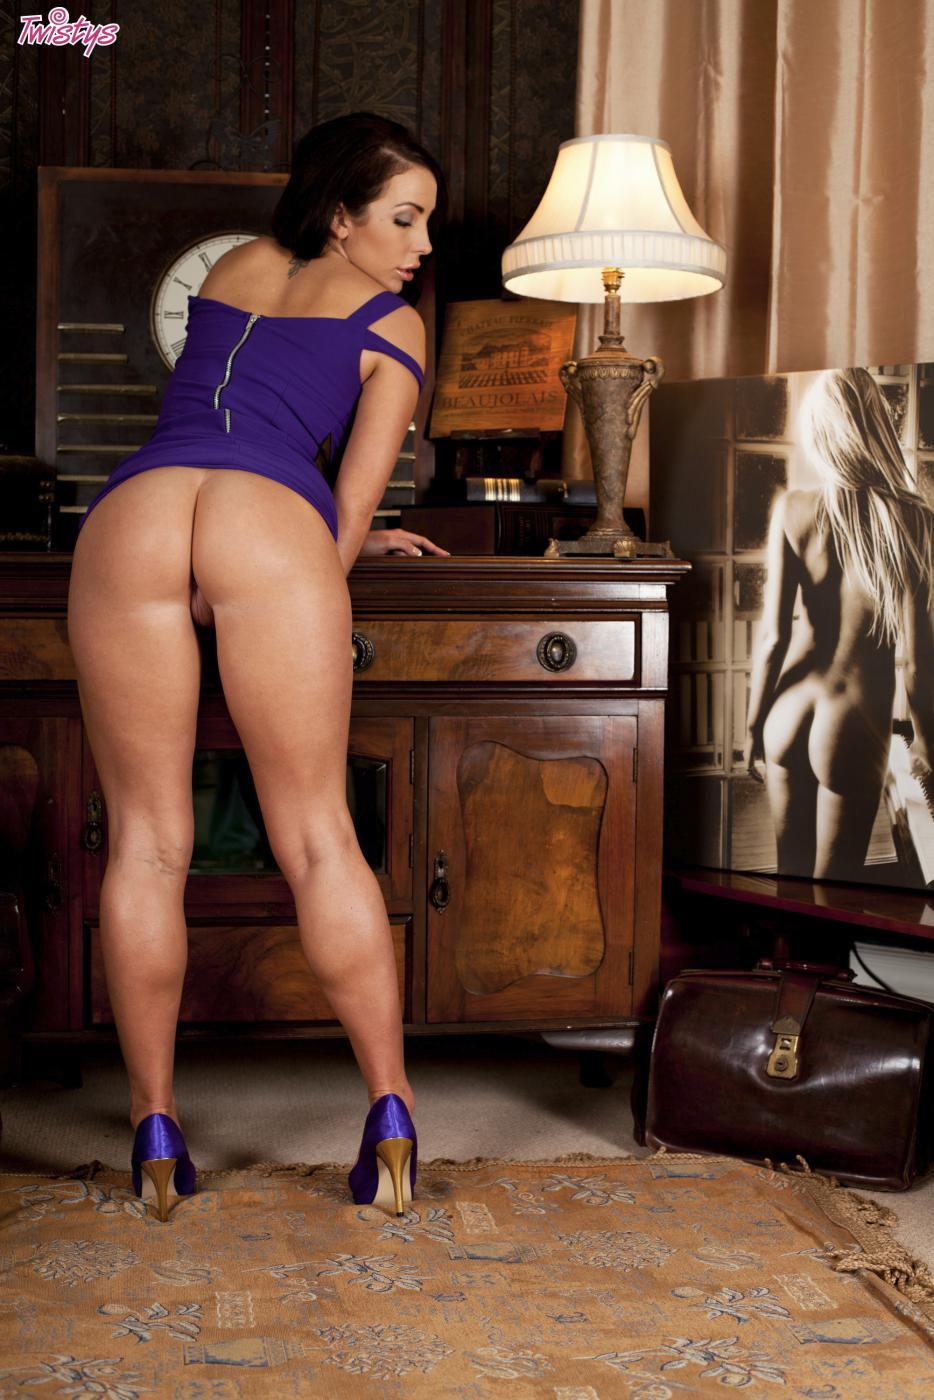 Пышногрудая Nina Leigh шалит с текущей щелкой под короткой юбочкой